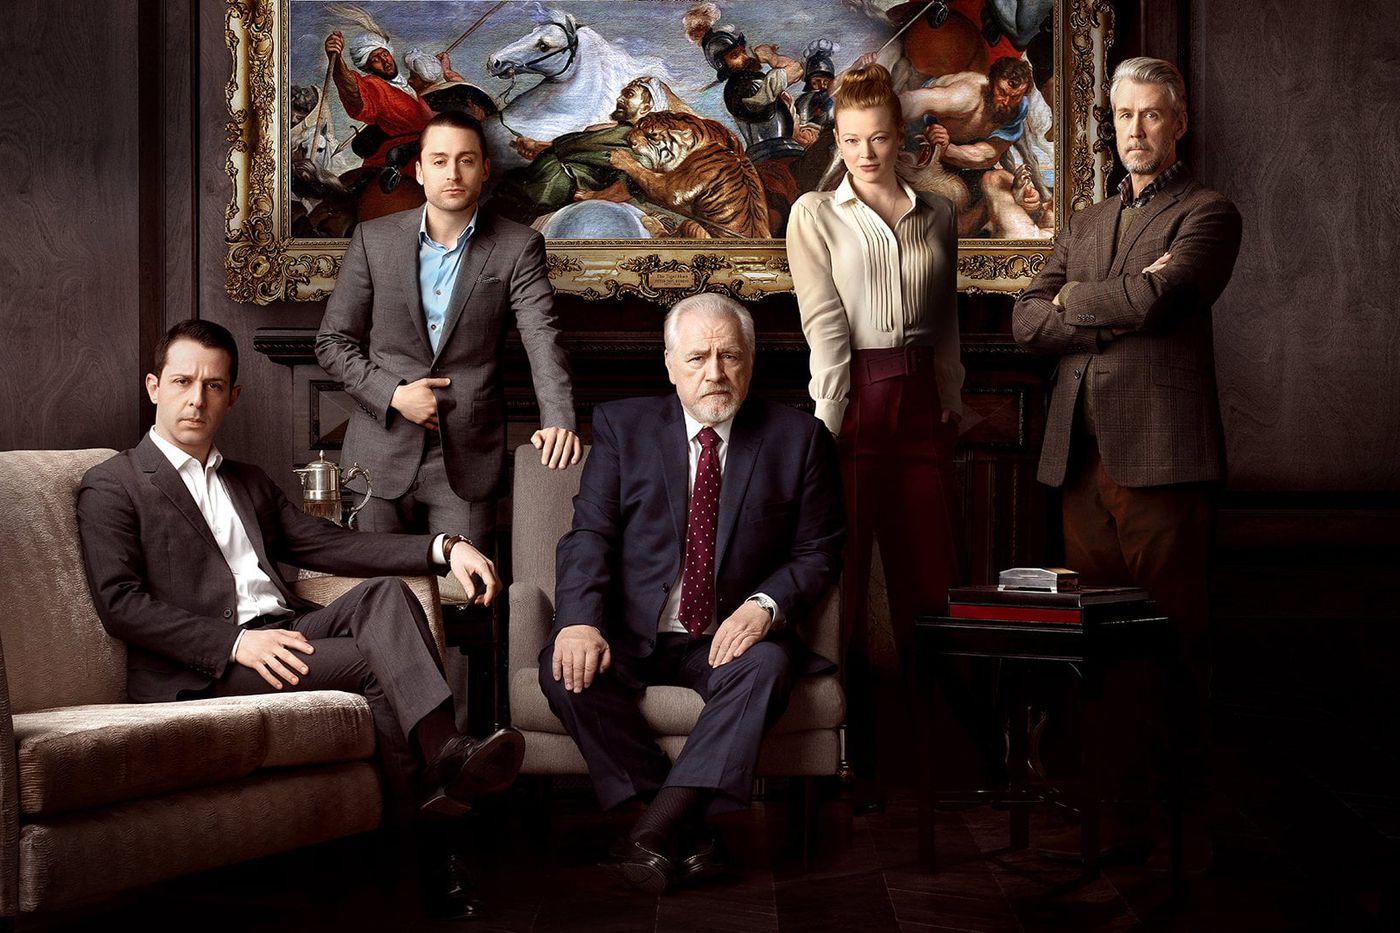 در این میان سریال های دیگری نیز با فصل جدید خود بازخواهند گشت که باعث می شوند یک نیم سال مهیج را در عرصه تلویزیون در پیش داشته باشیم.